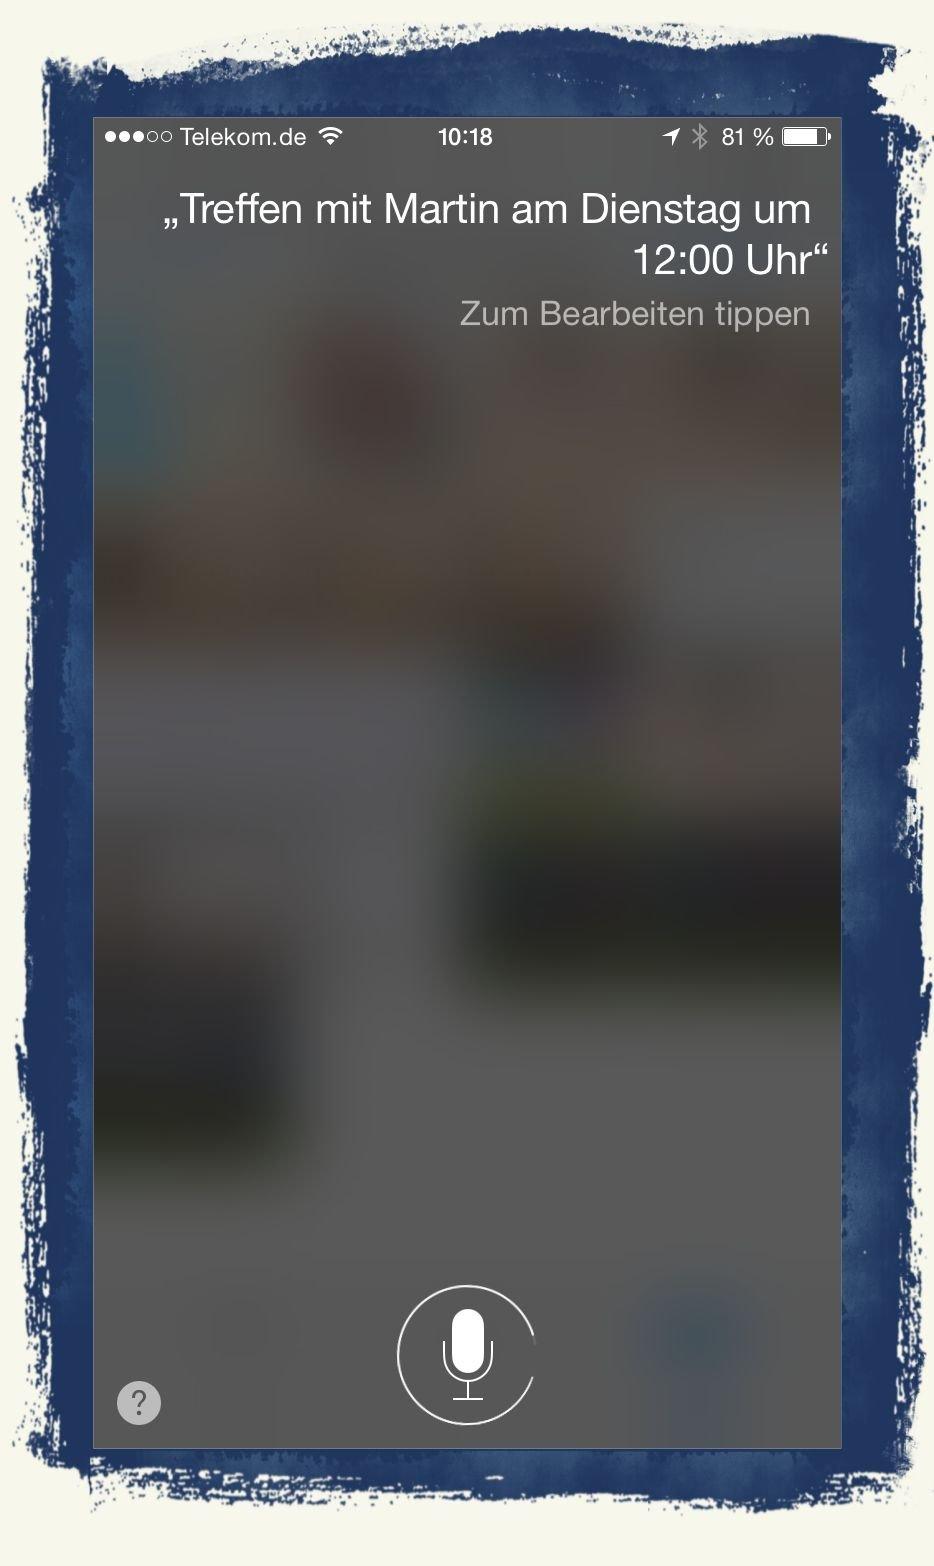 iPhone,iPhone6,iPhone 6, Apple,Siri,Sprachsteuerung,Sprachbefehl,Homebutton 1